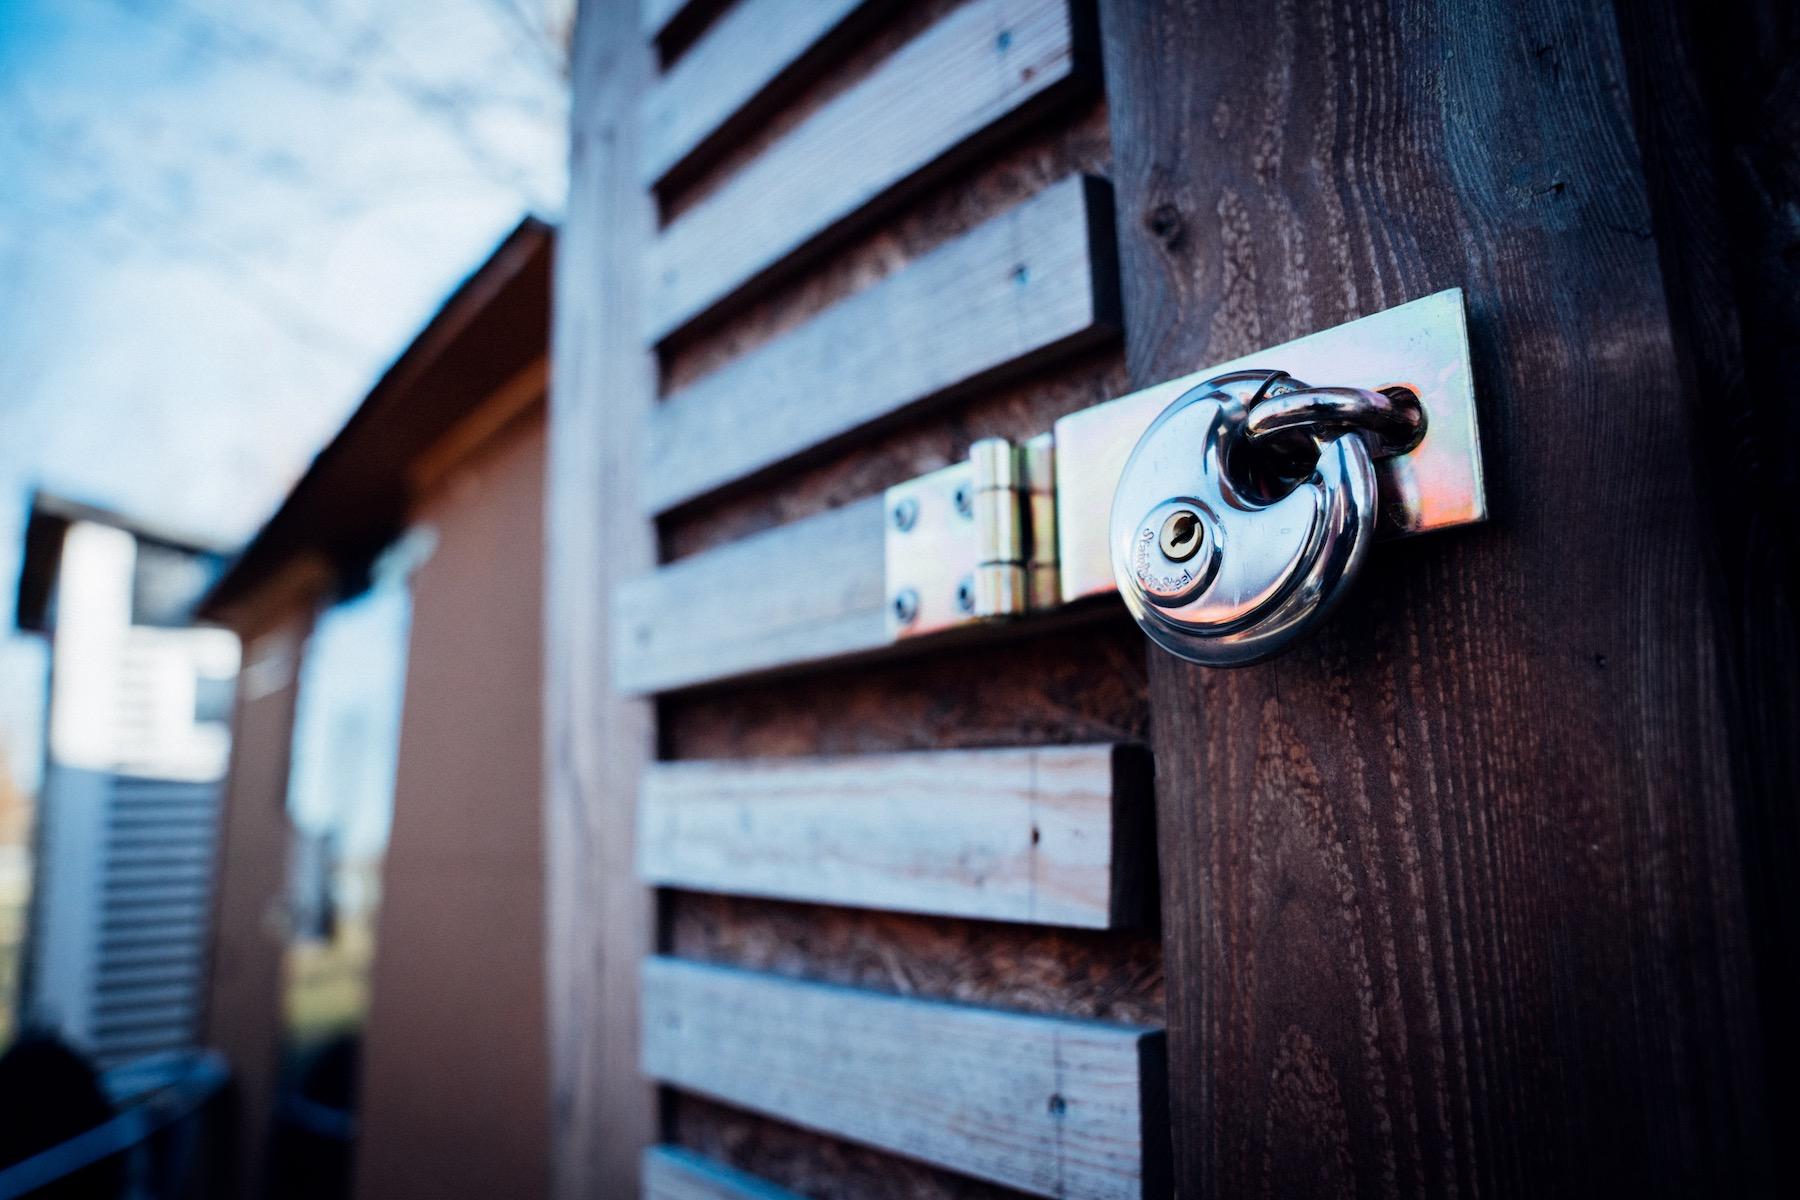 Alles gut verschlossen: Die Häuser bedeuten auch Verantwortung.